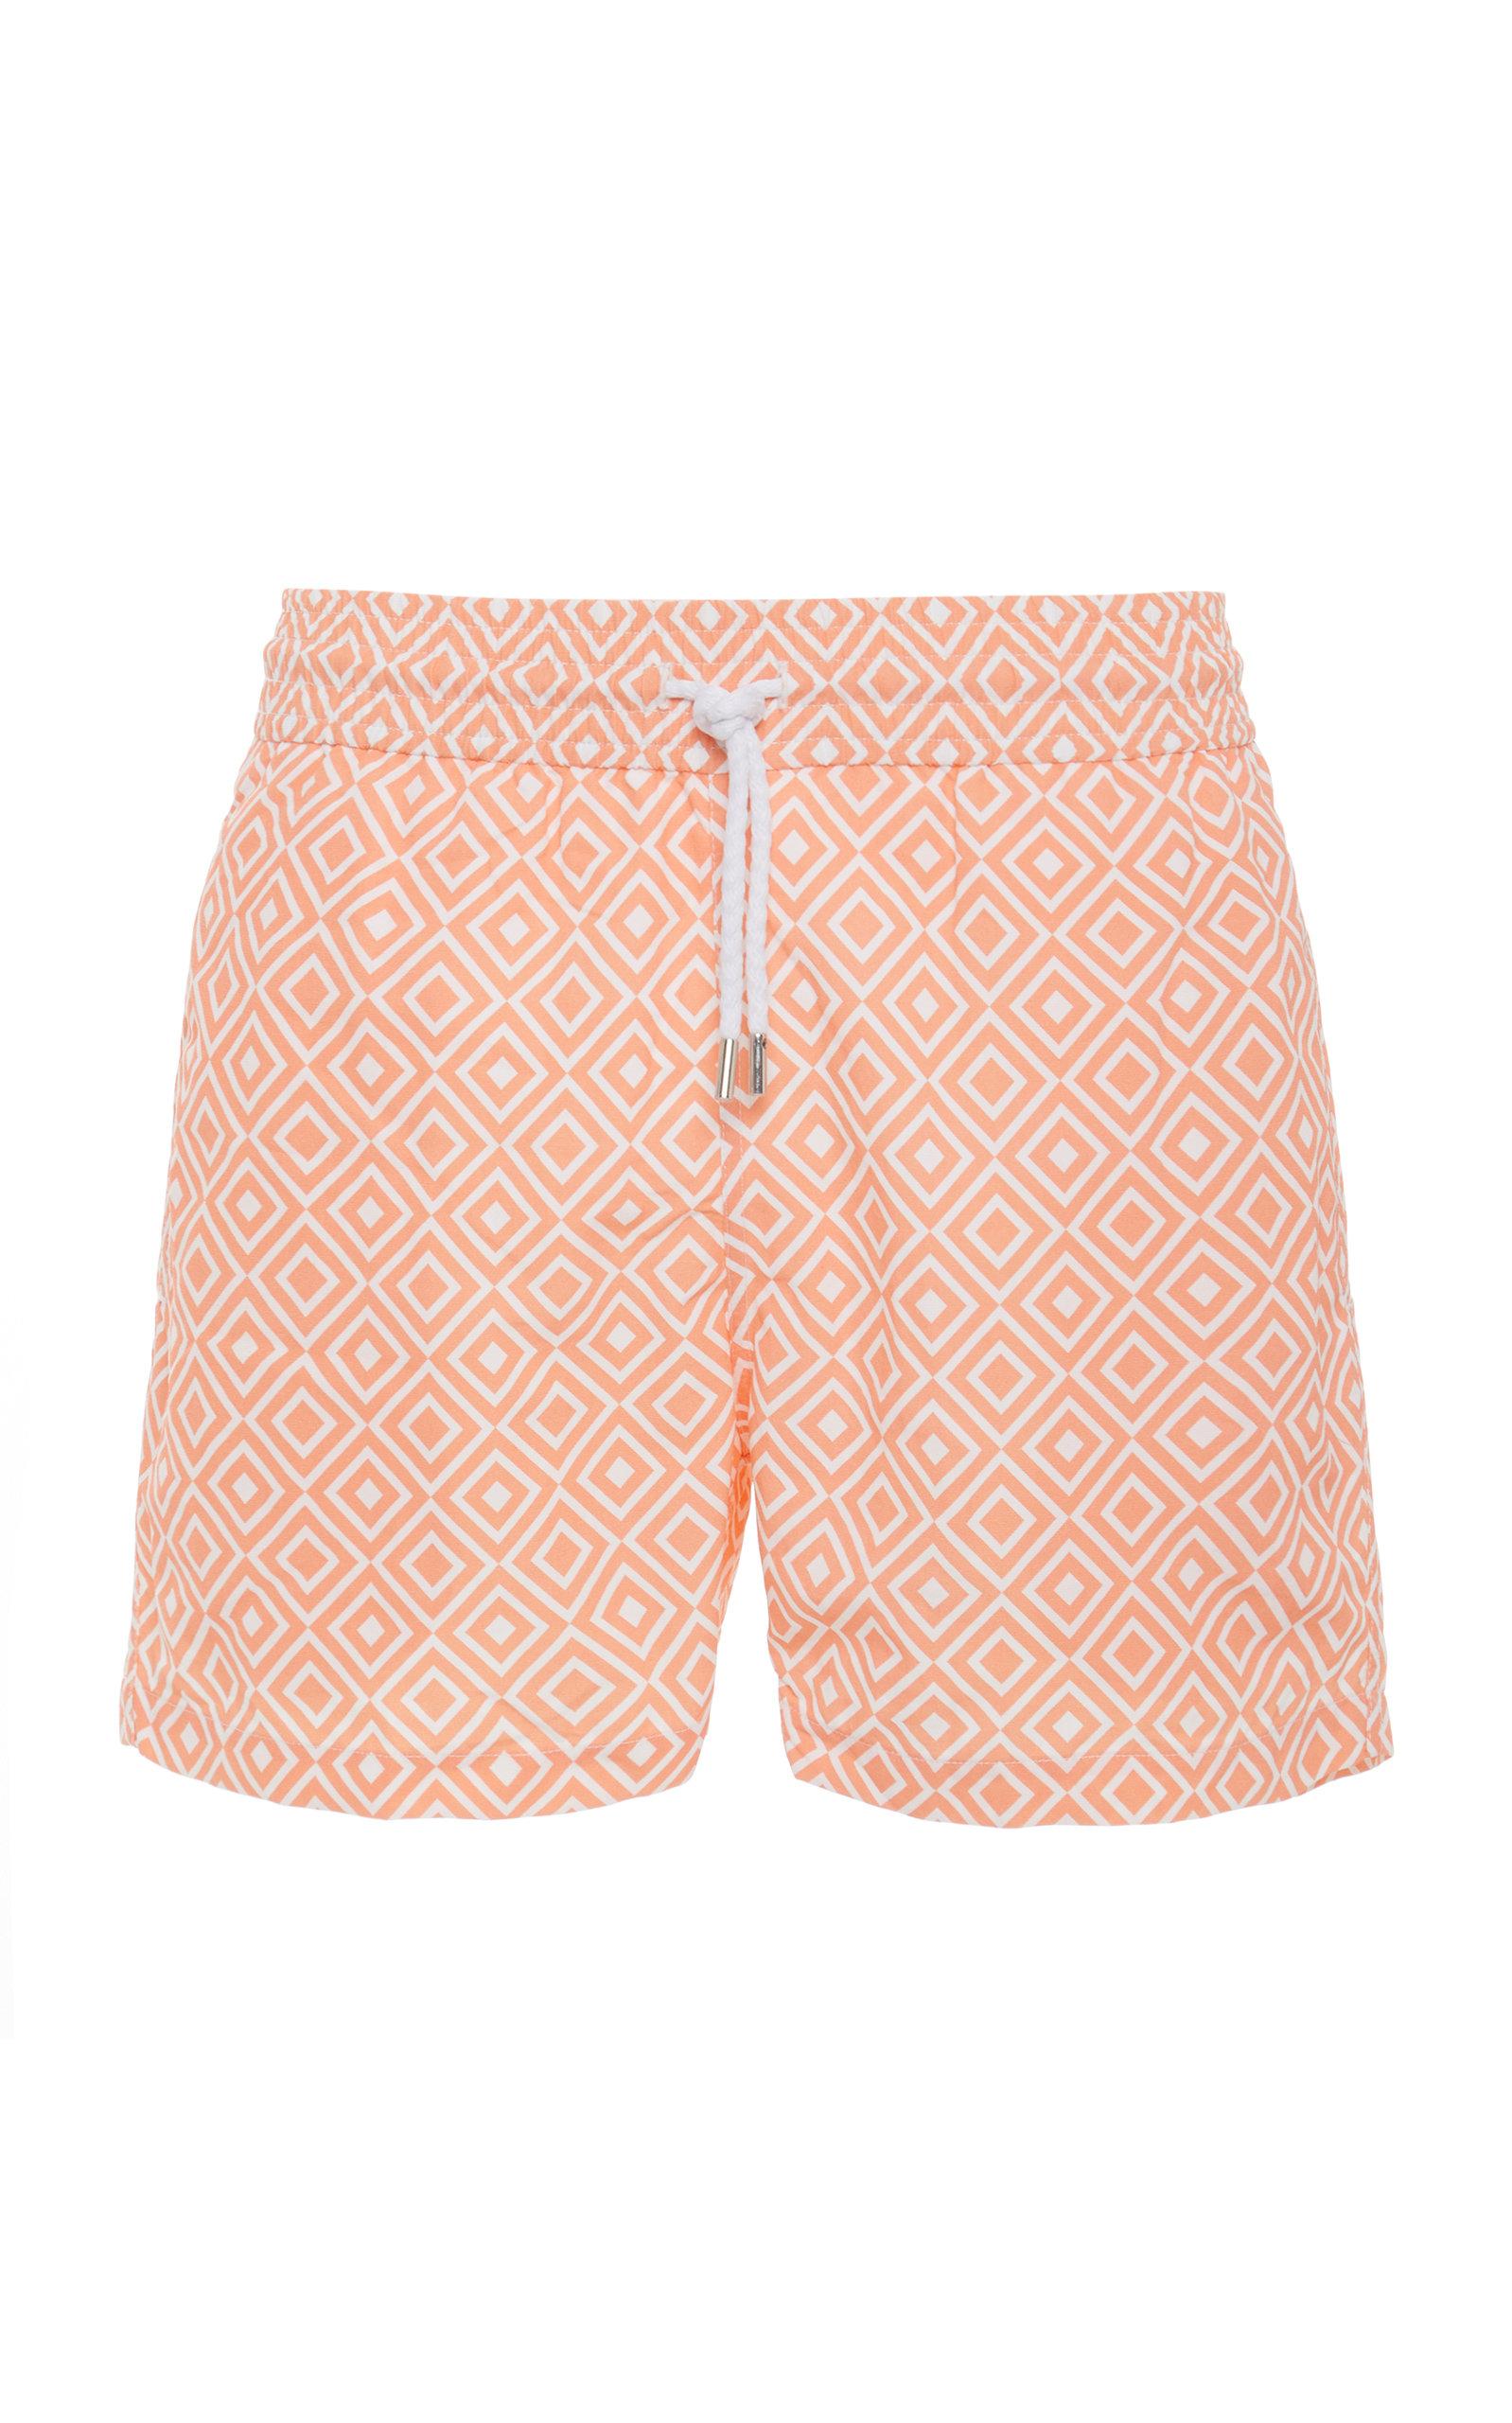 f534e6a61a Angra Printed Swim Shorts by Frescobol Carioca | Moda Operandi